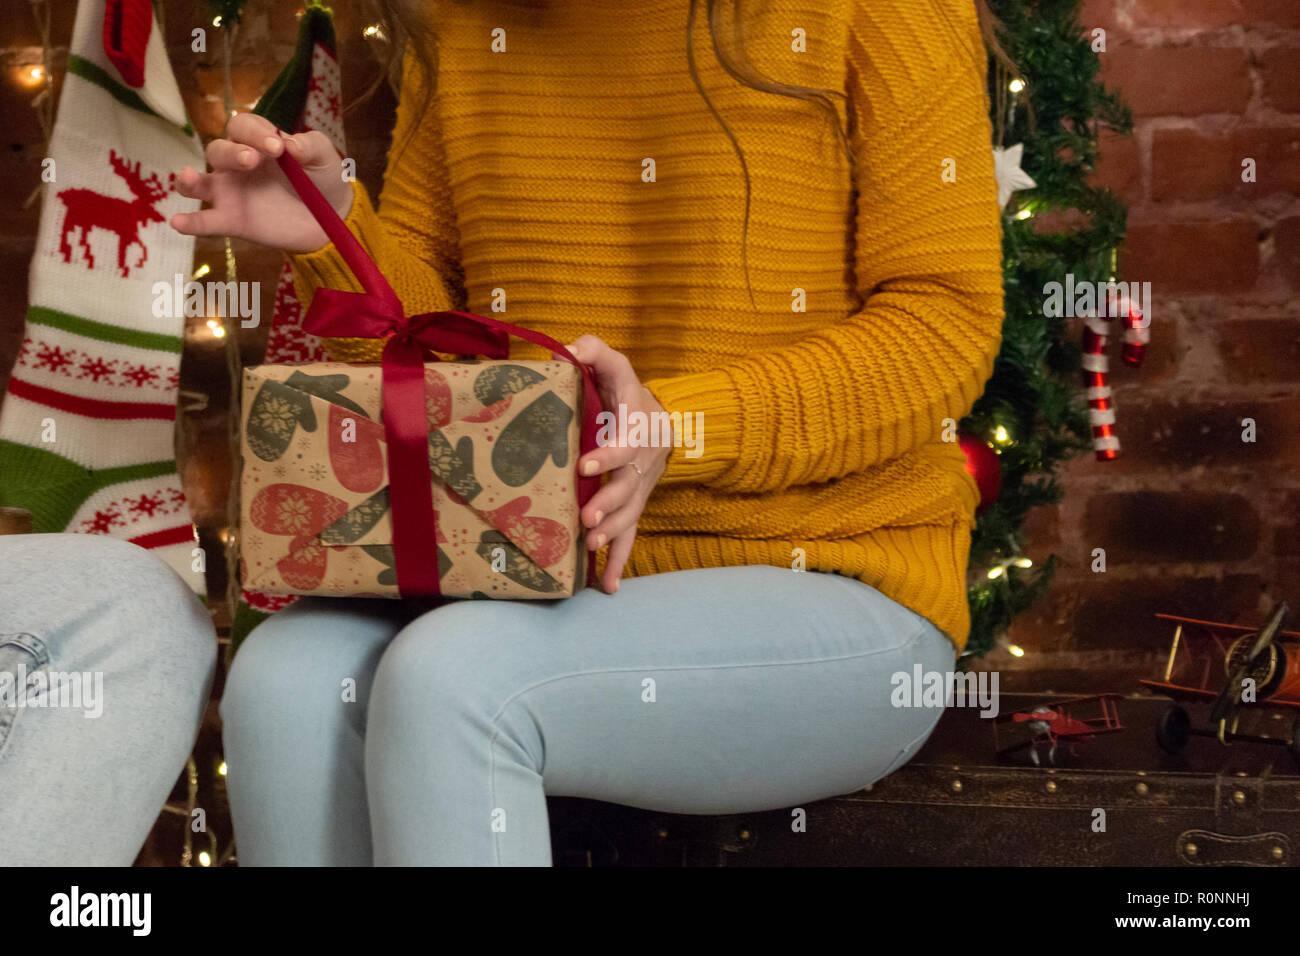 La chica en un suéter amarillo se desajusta un regalo de Navidad Imagen De Stock